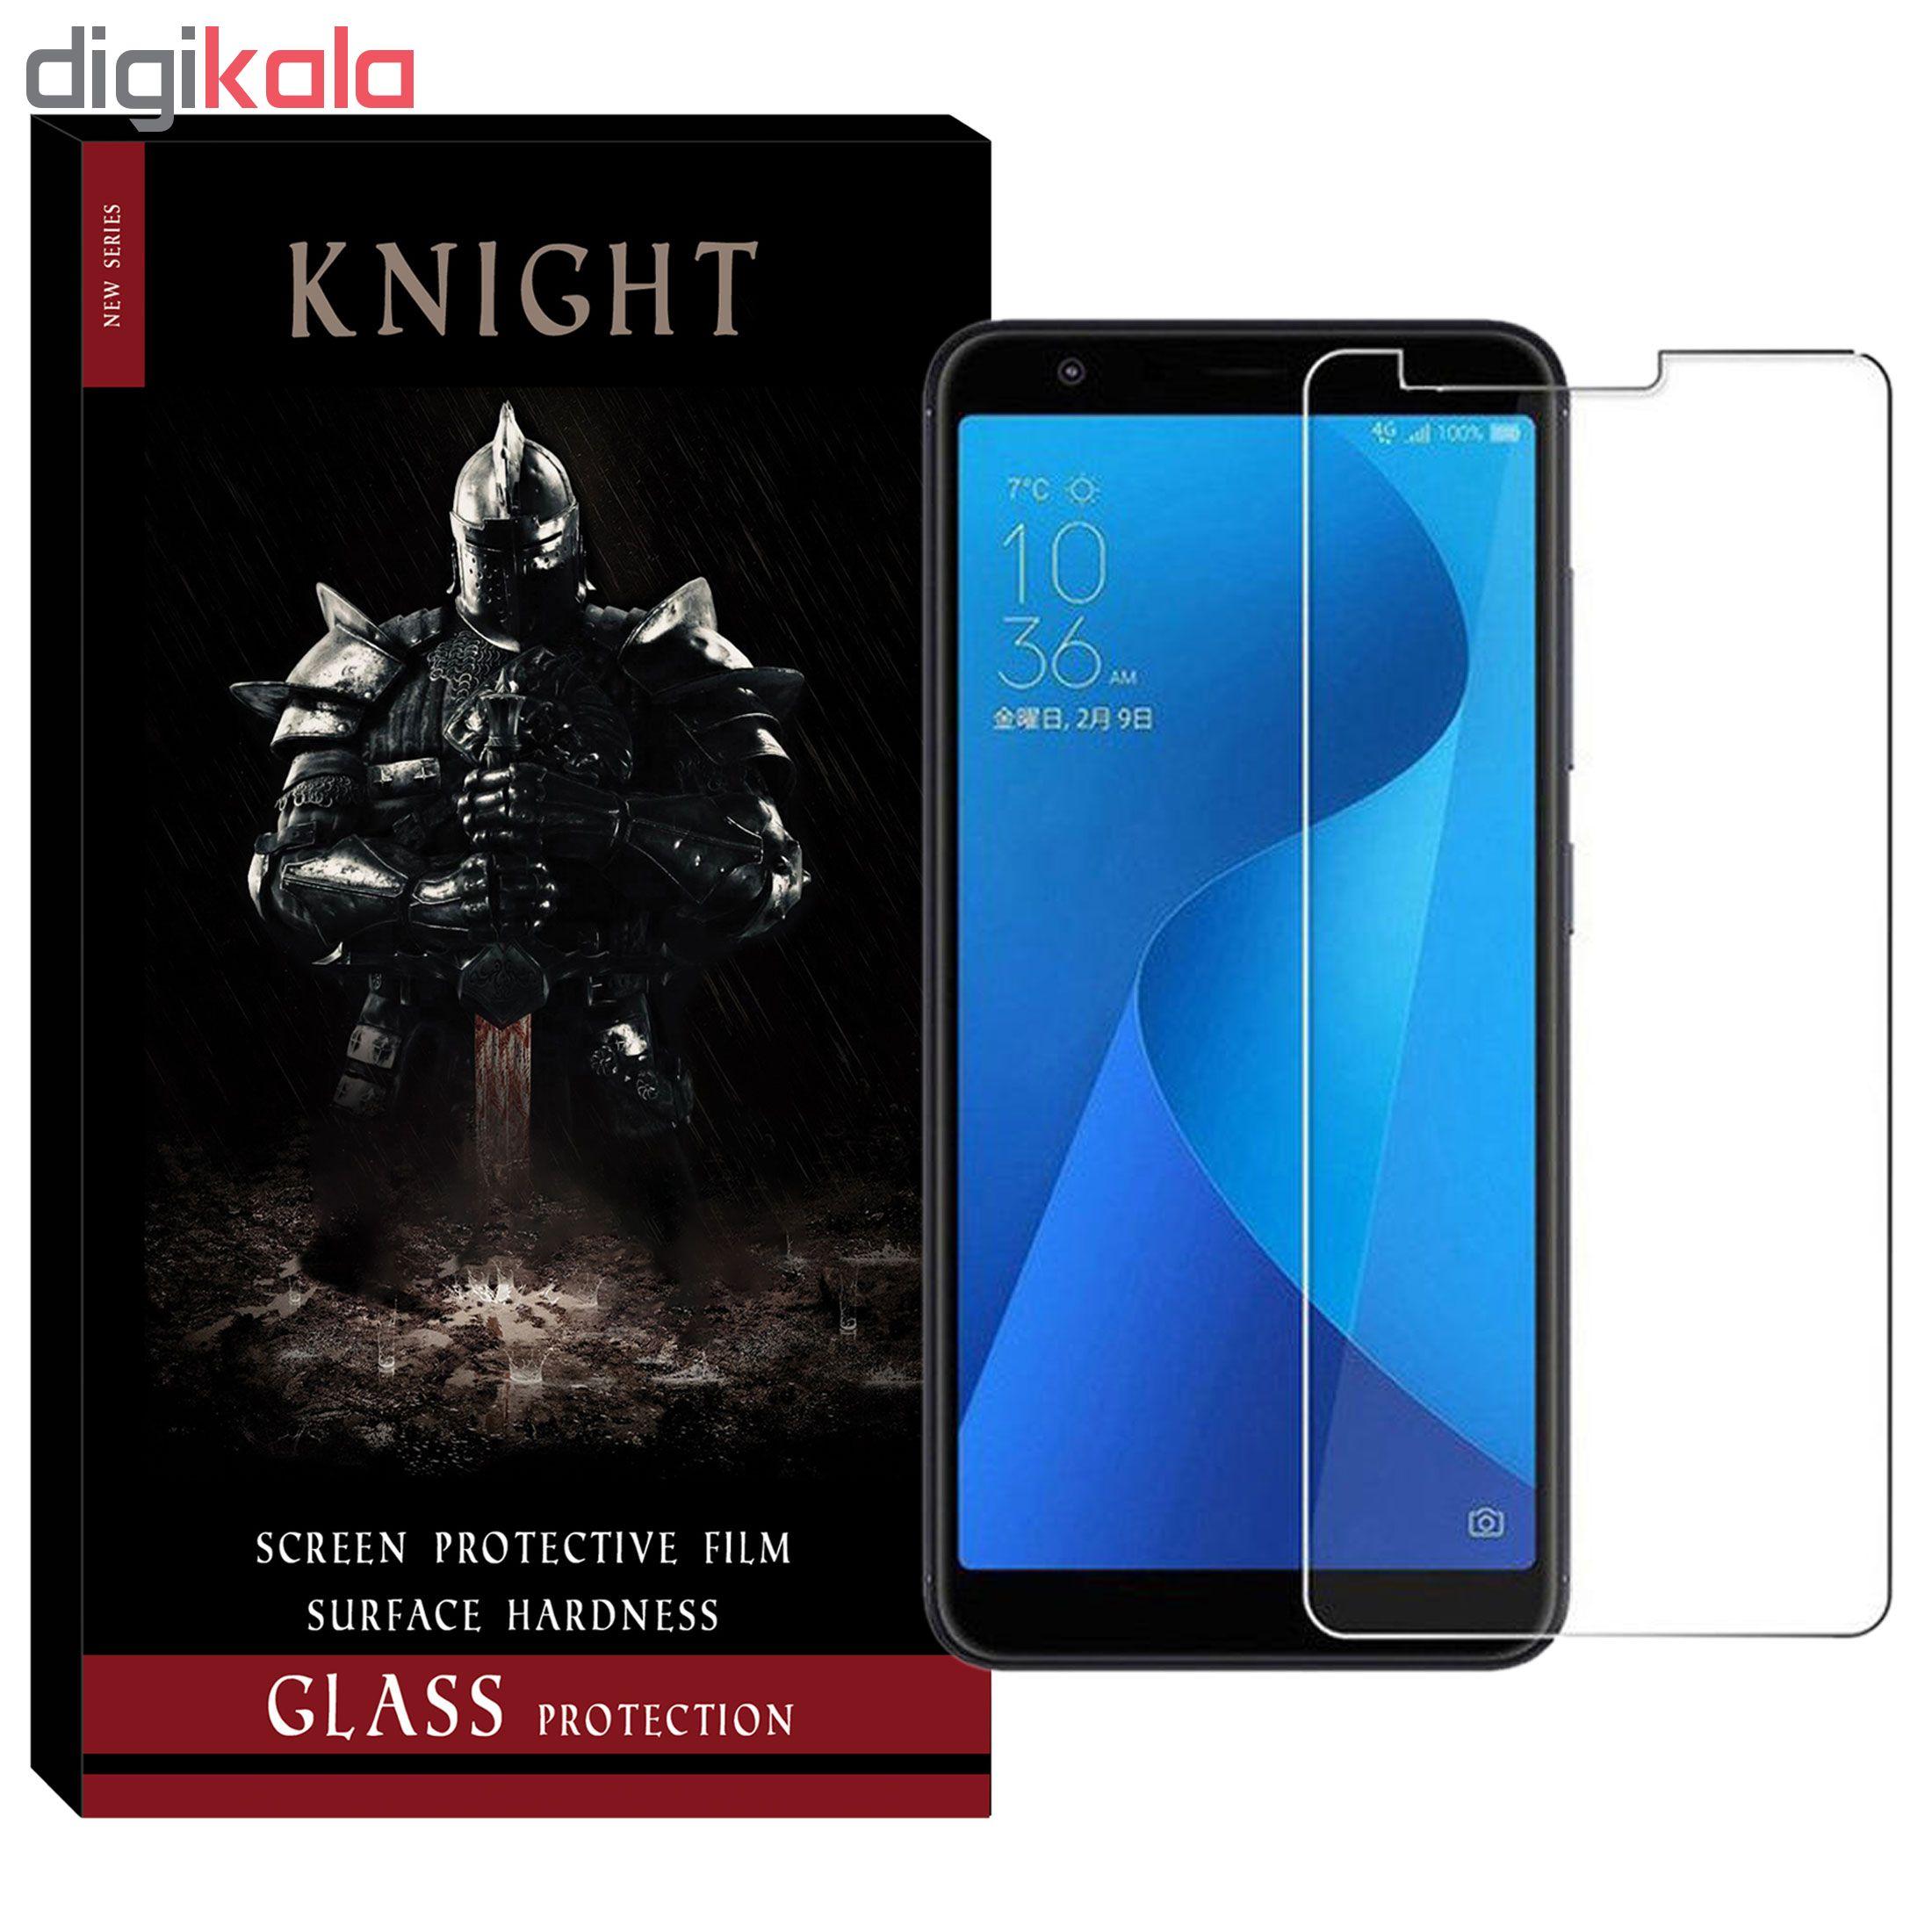 محافظ صفحه نمایش نایت مدل K-001 مناسب برای گوشی موبایل ایسوس Zenfone max plus / zb 570              ( قیمت و خرید)